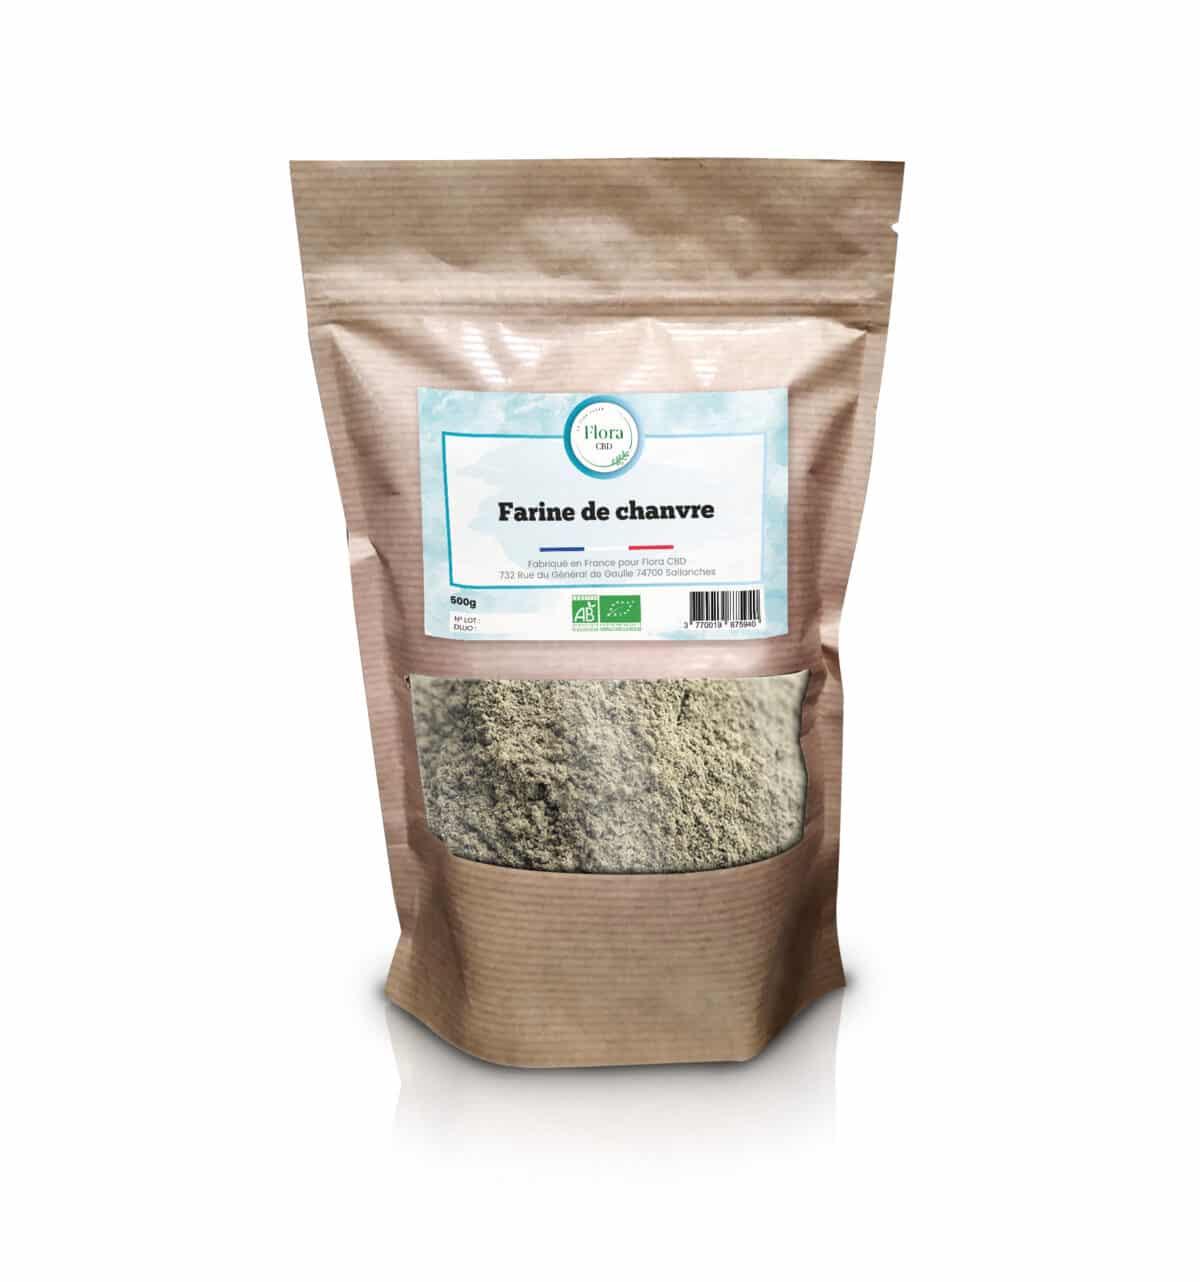 Farine de Chanvre - Flora CBD